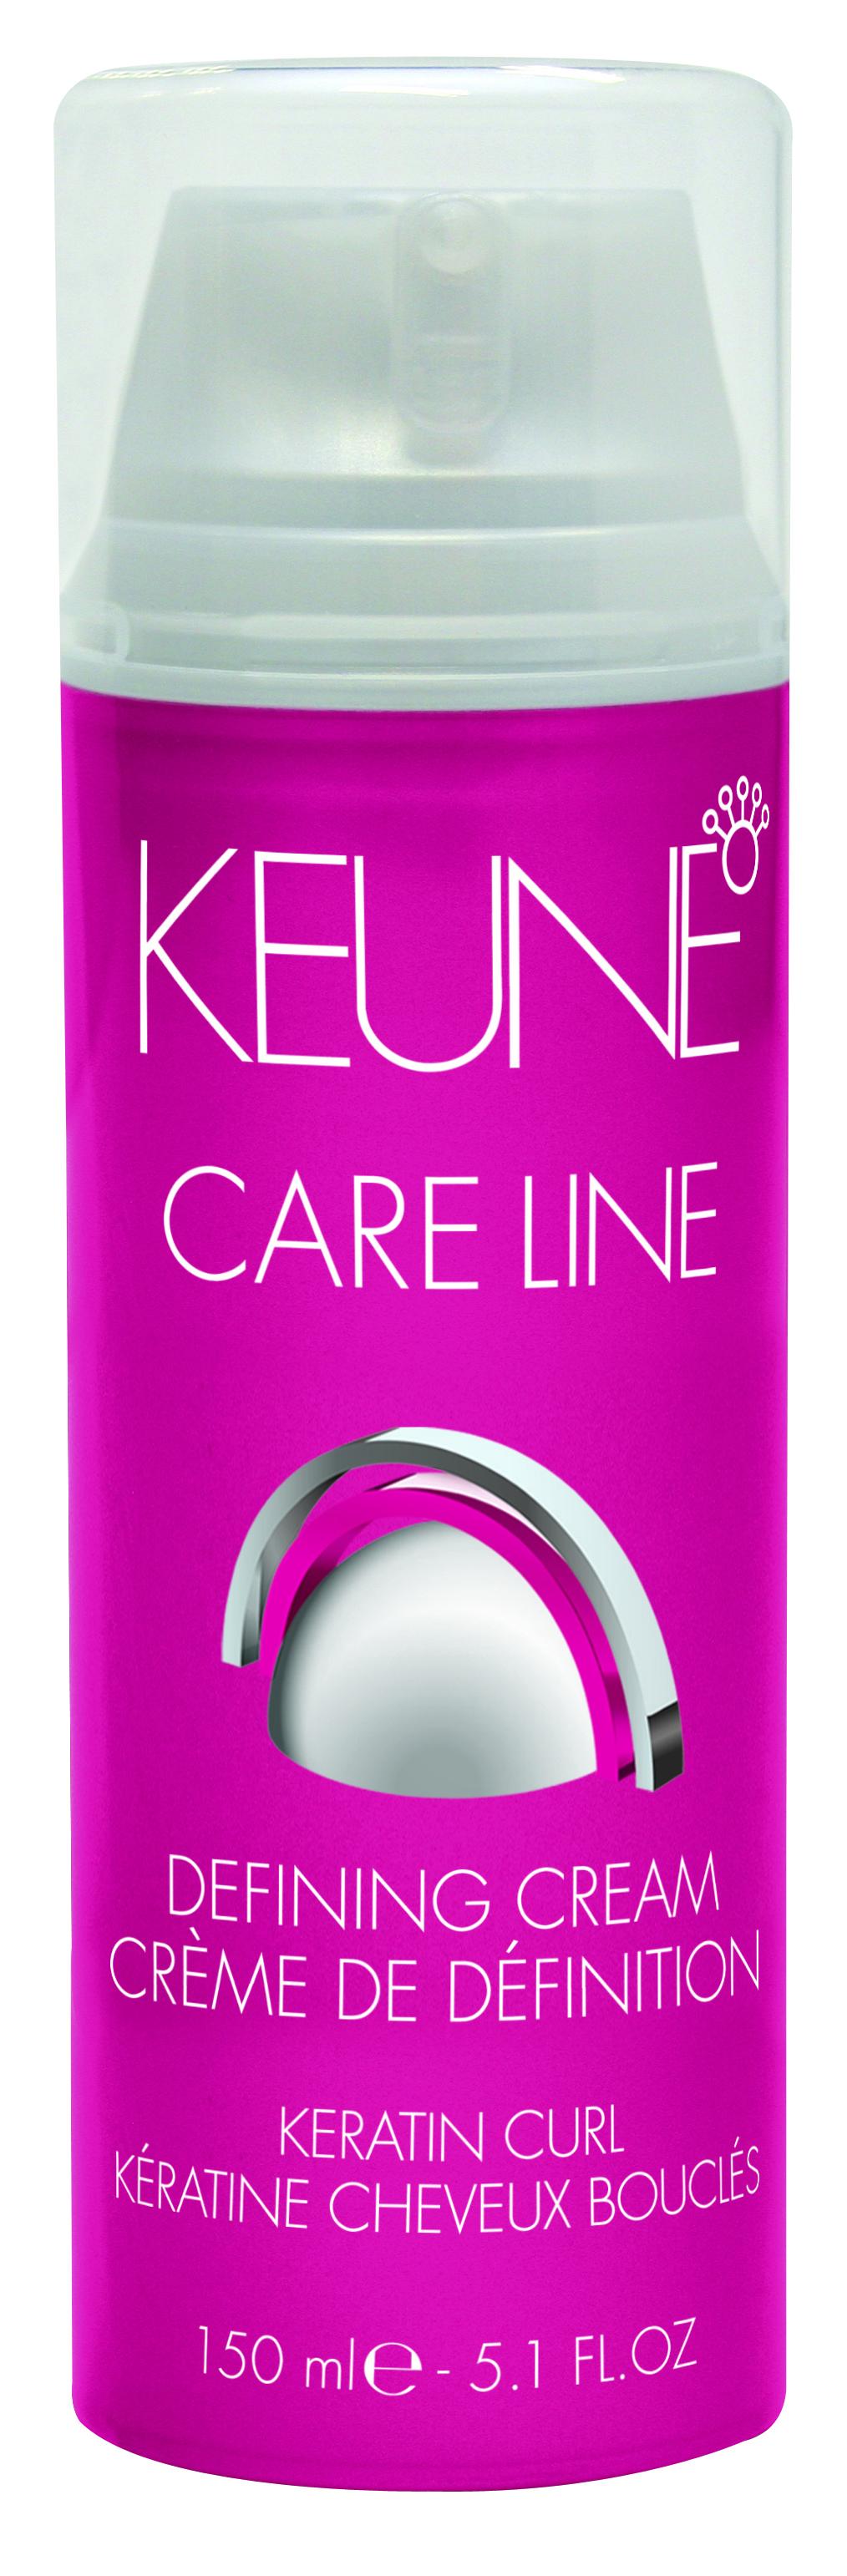 KEUNE Крем Кэе Лайн Кератиновый локон / CL KERATIN CURL DEFINING CREAM 150мл